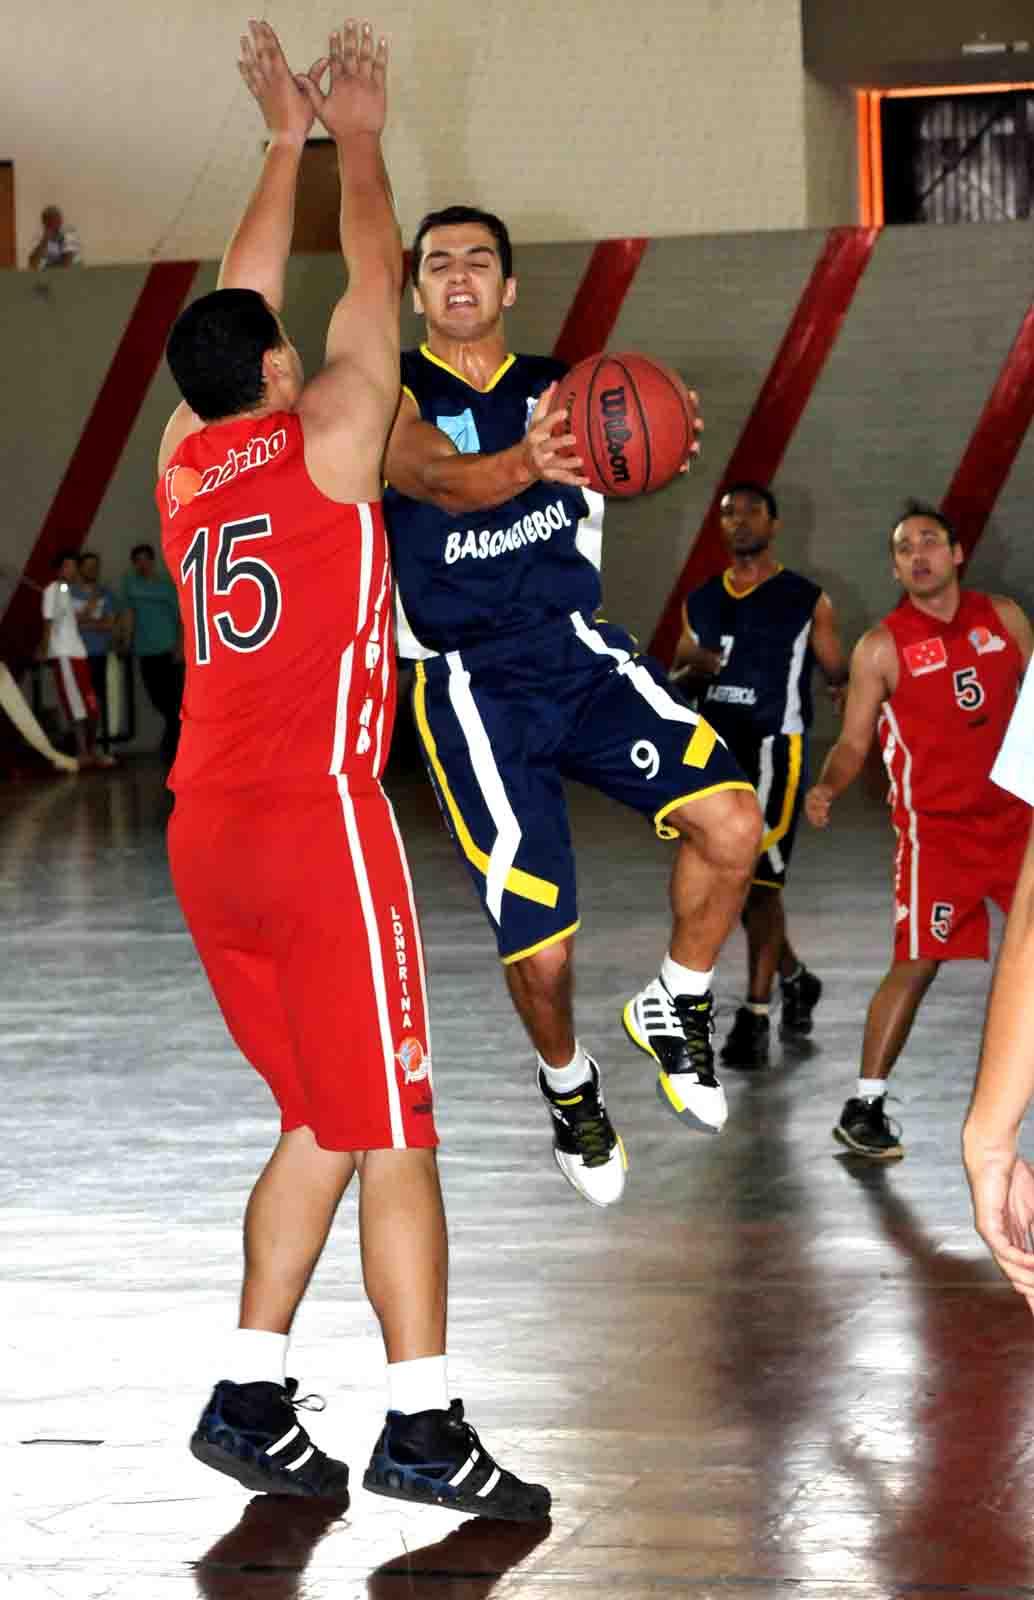 Jogos Abertos do Paraná, Primeiros classificados